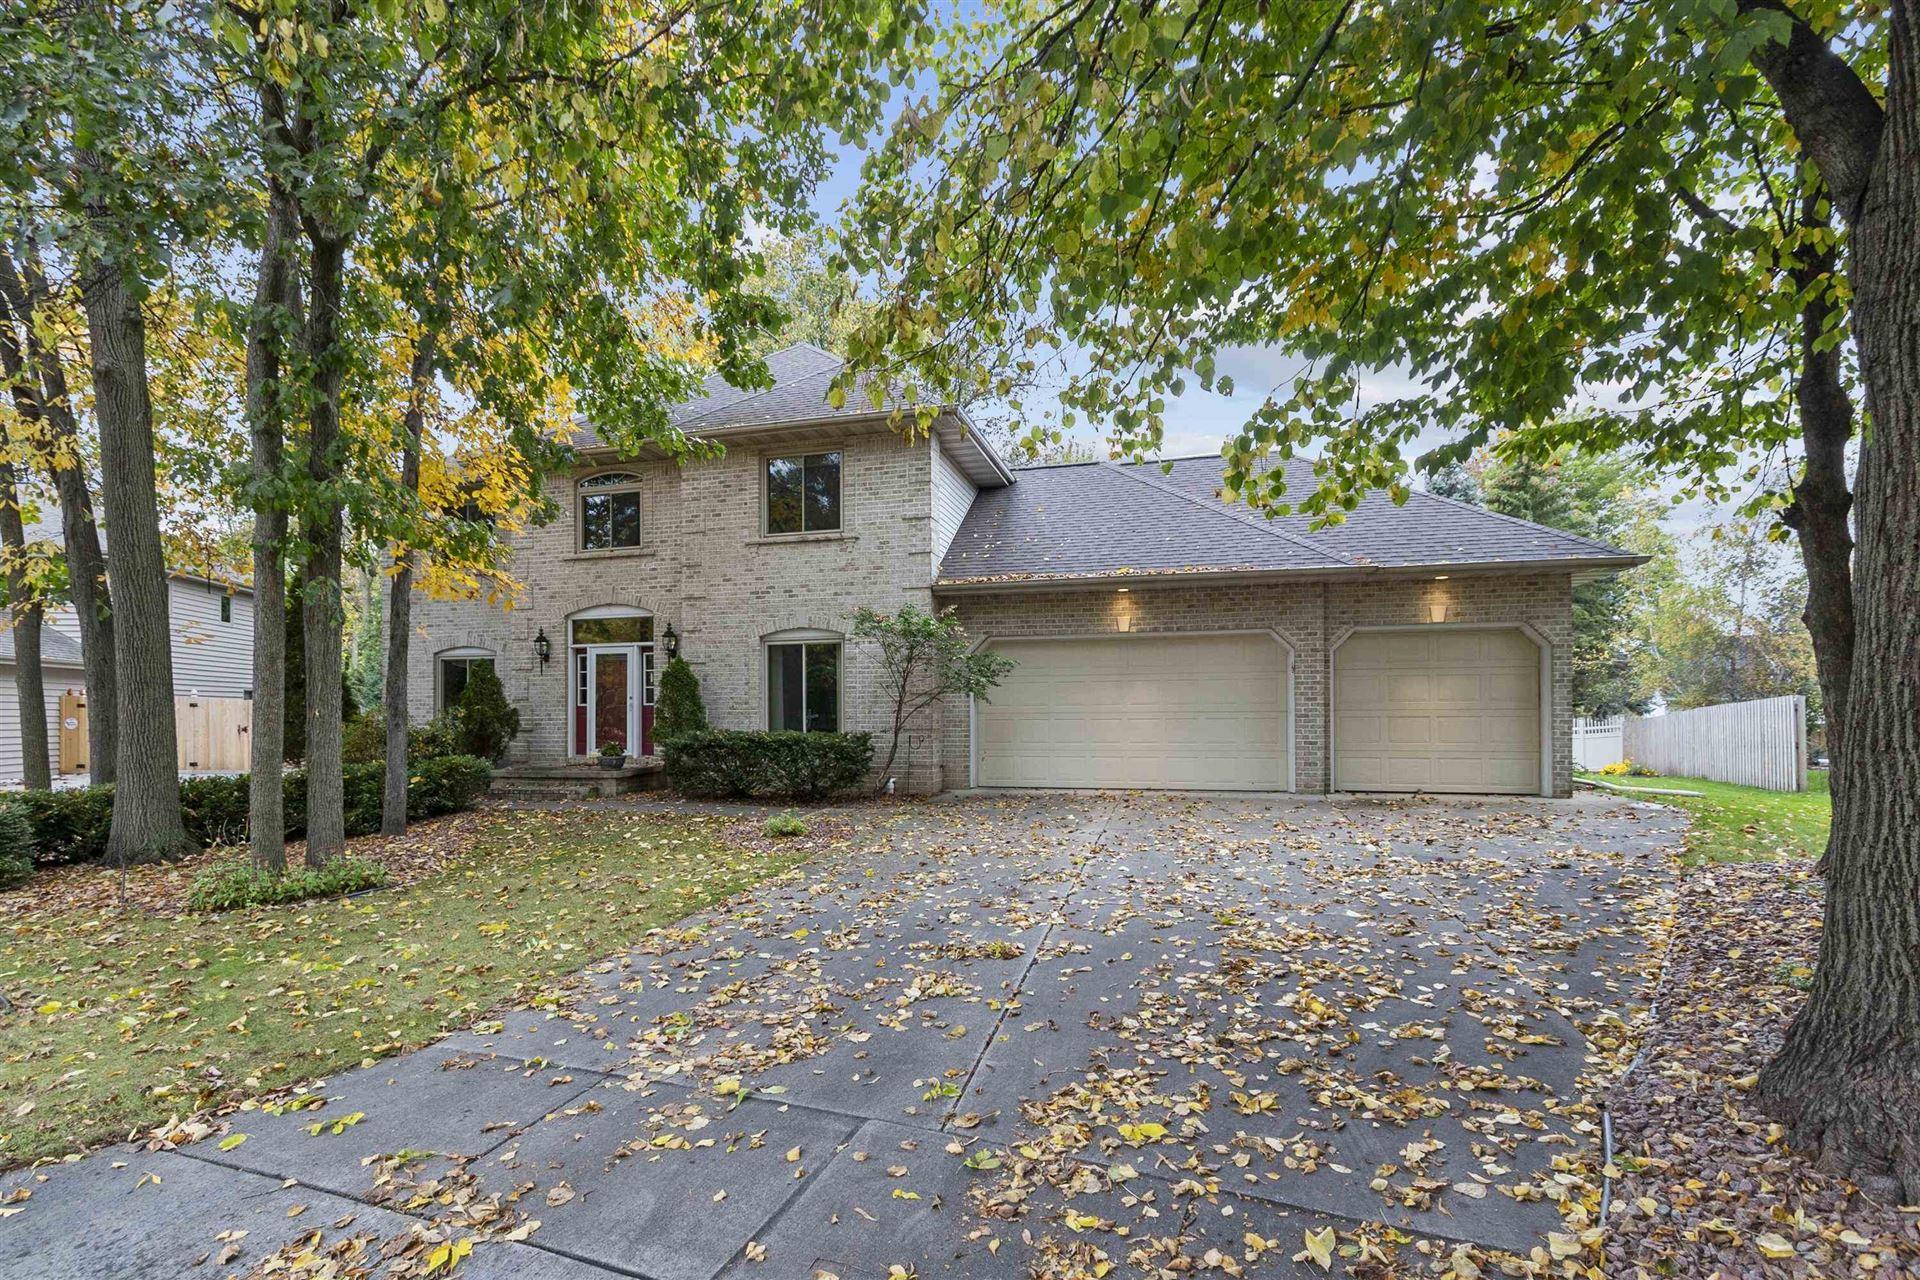 26 BRENTWOOD Lane, Appleton, WI 54915 - MLS#: 50249354